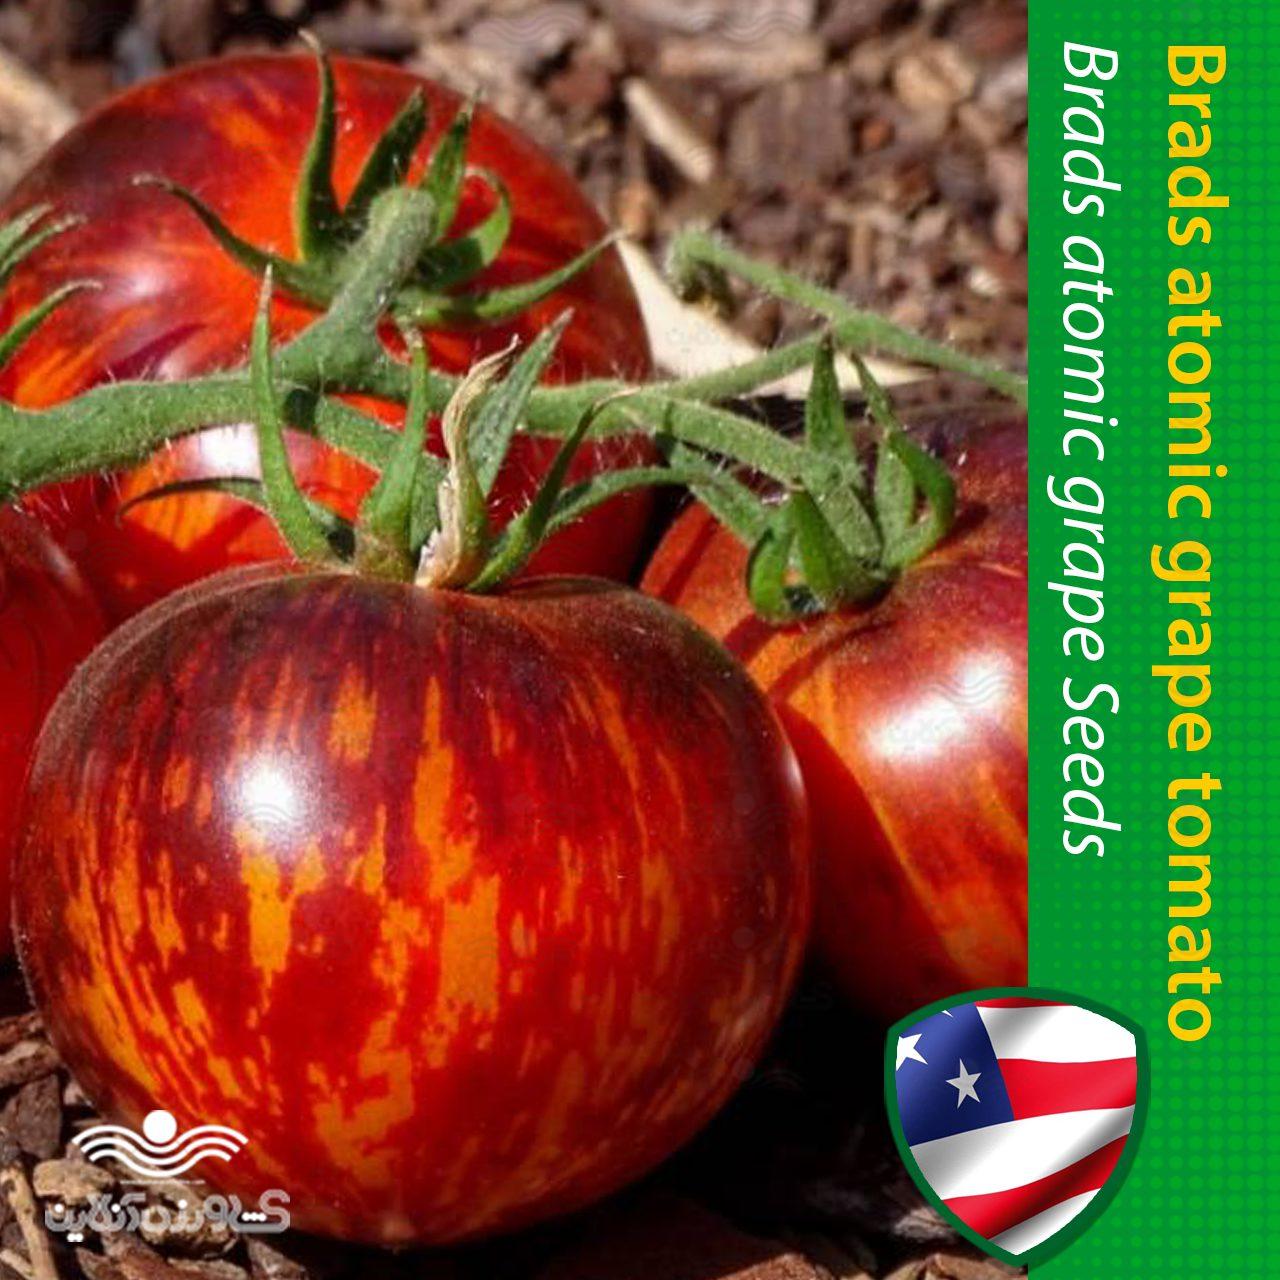 بذر گوجه فرنگی رنگین کمان اتمیک آمریکایی